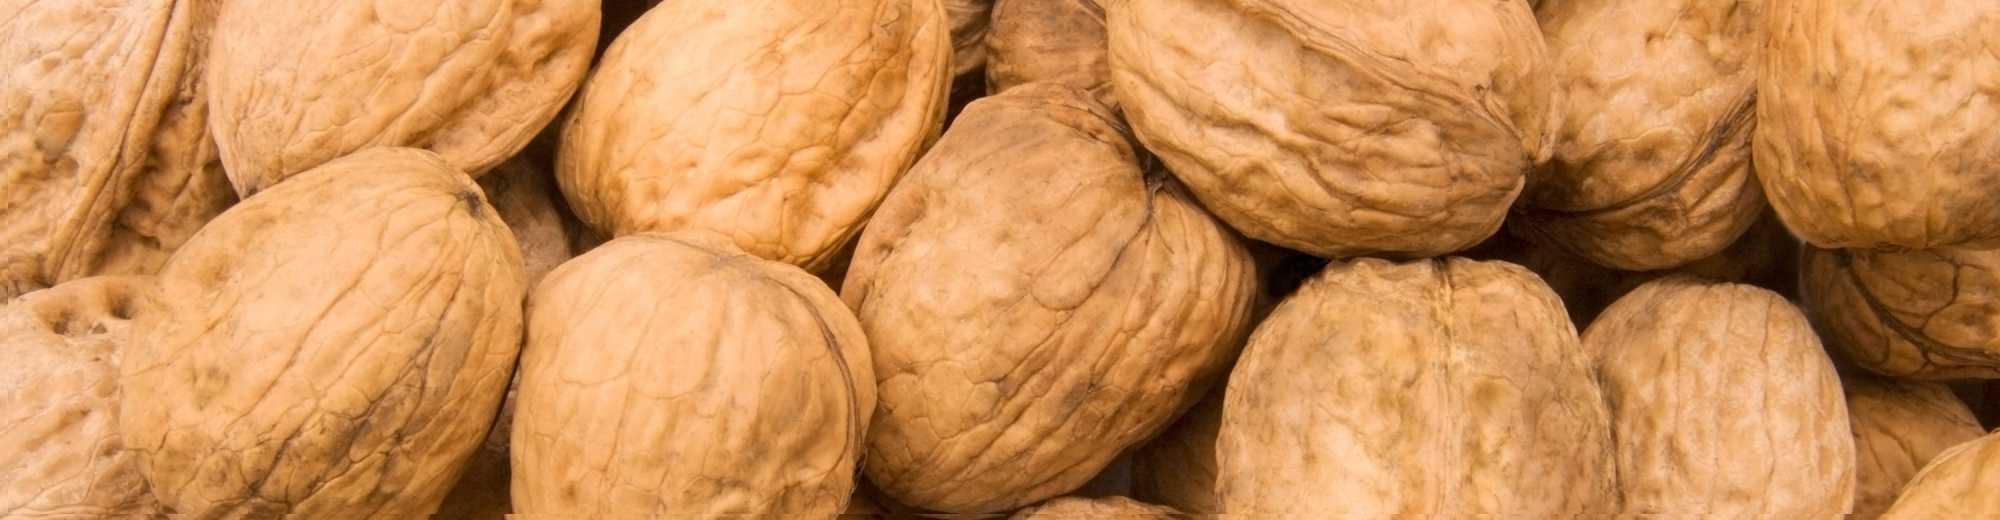 Walnut Varieties-from Chandlers to Waterloo